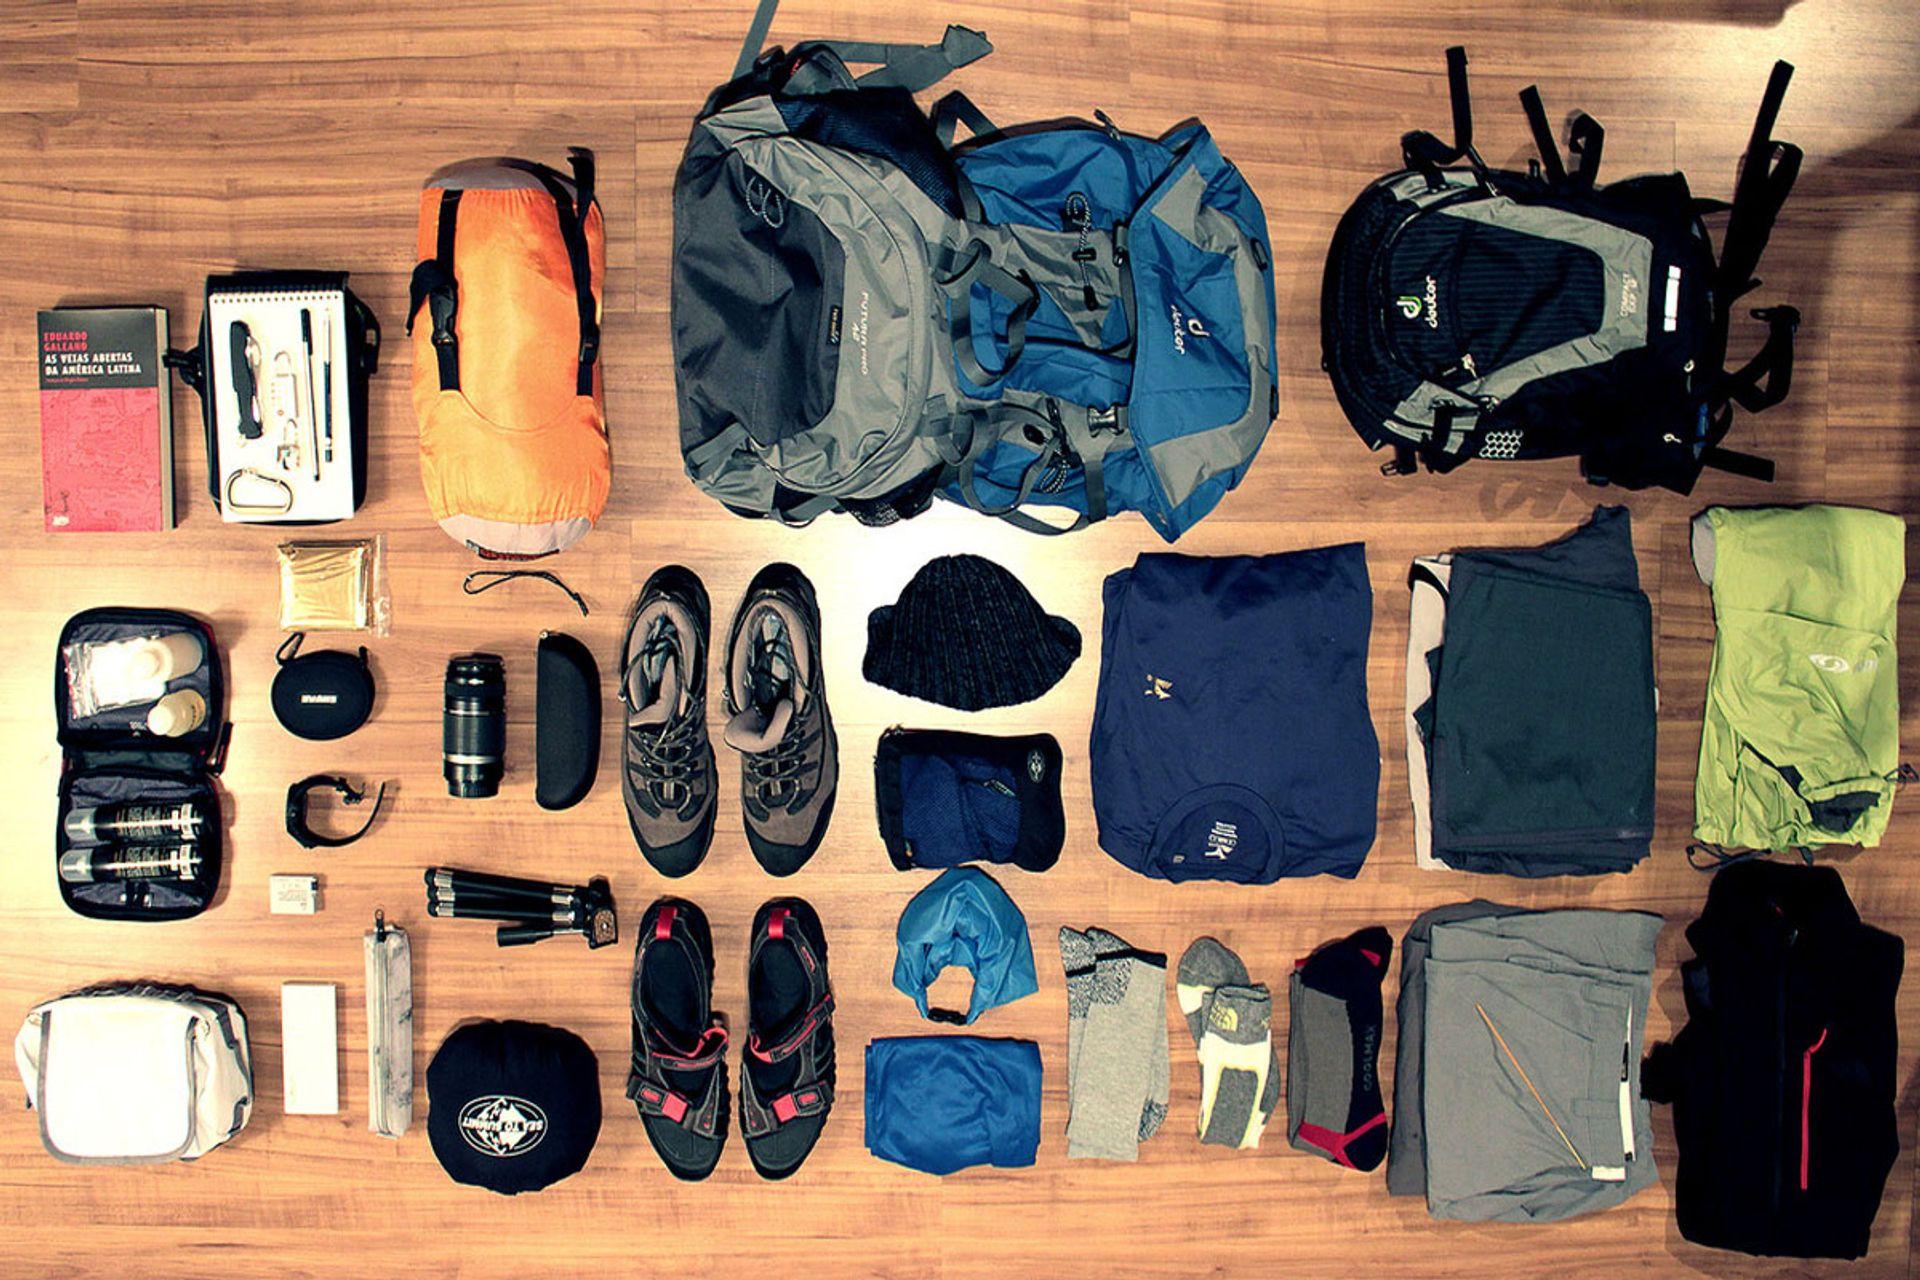 Hãy chuẩn bị đầy đủ những vật dụng cần thiết cho một chuyến chinh phục rừng rậm nhiệt đới và các núi tại Malaysia